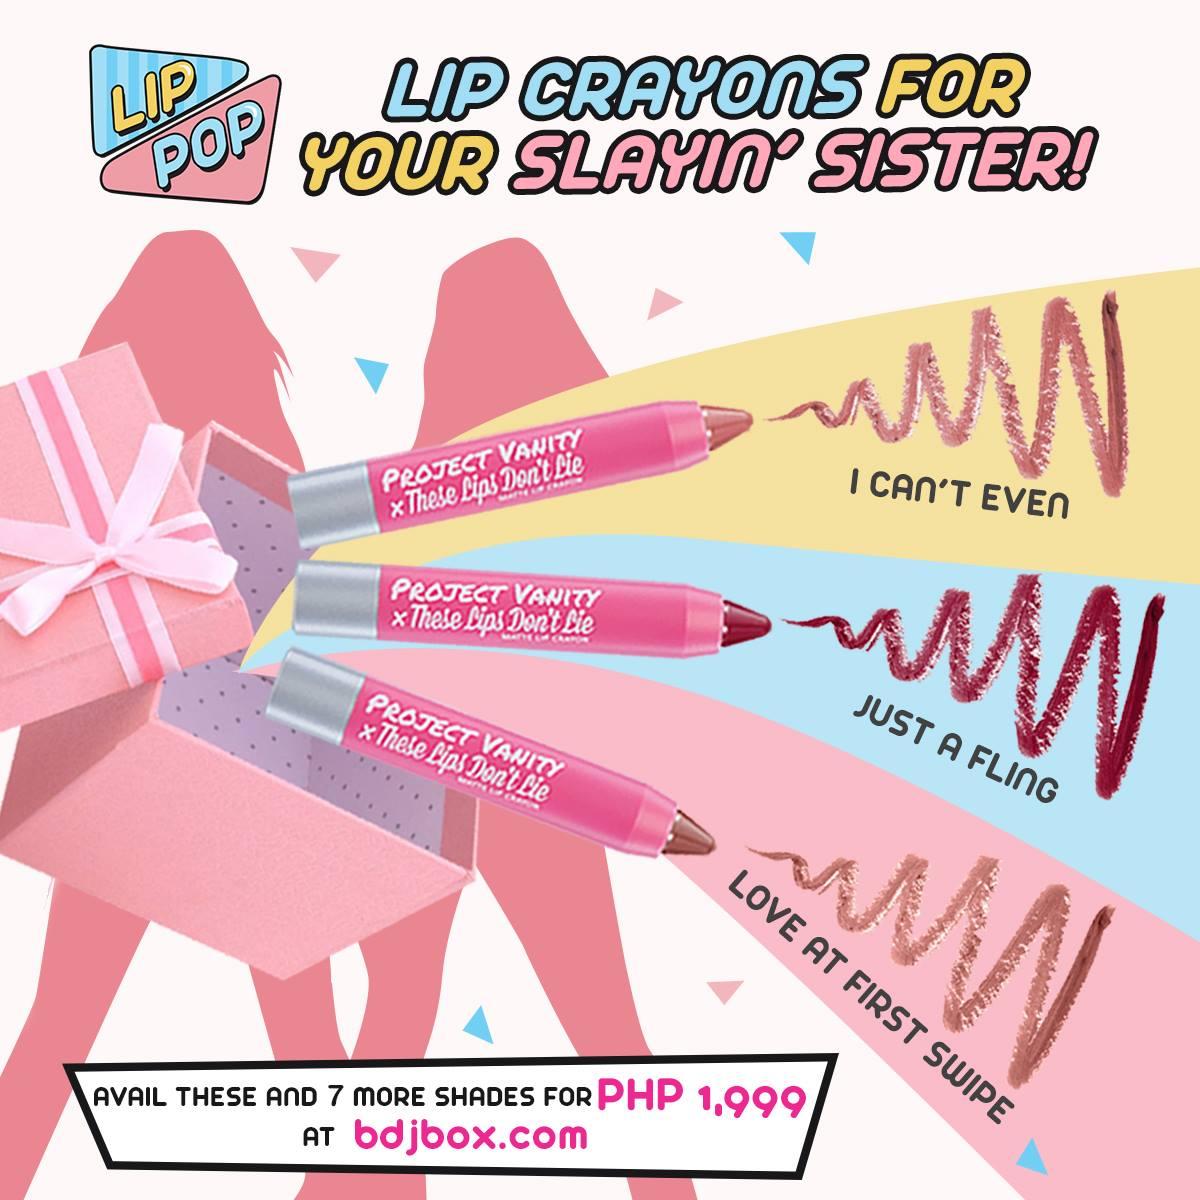 Lip box (P1,999) from bdjbox.com